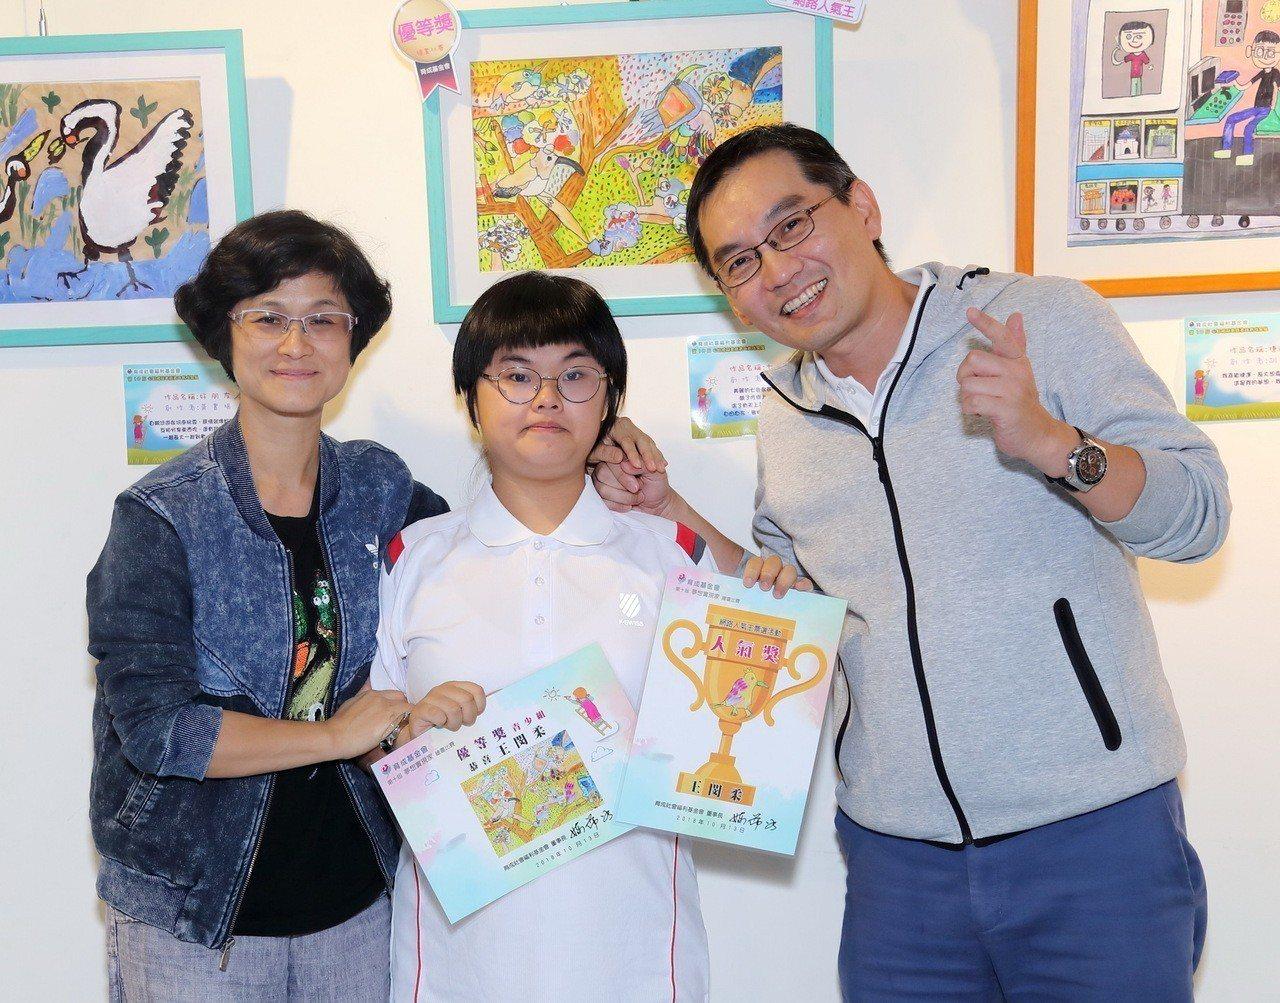 得獎小畫家與家人分享榮耀開心合影。 中壽/提供